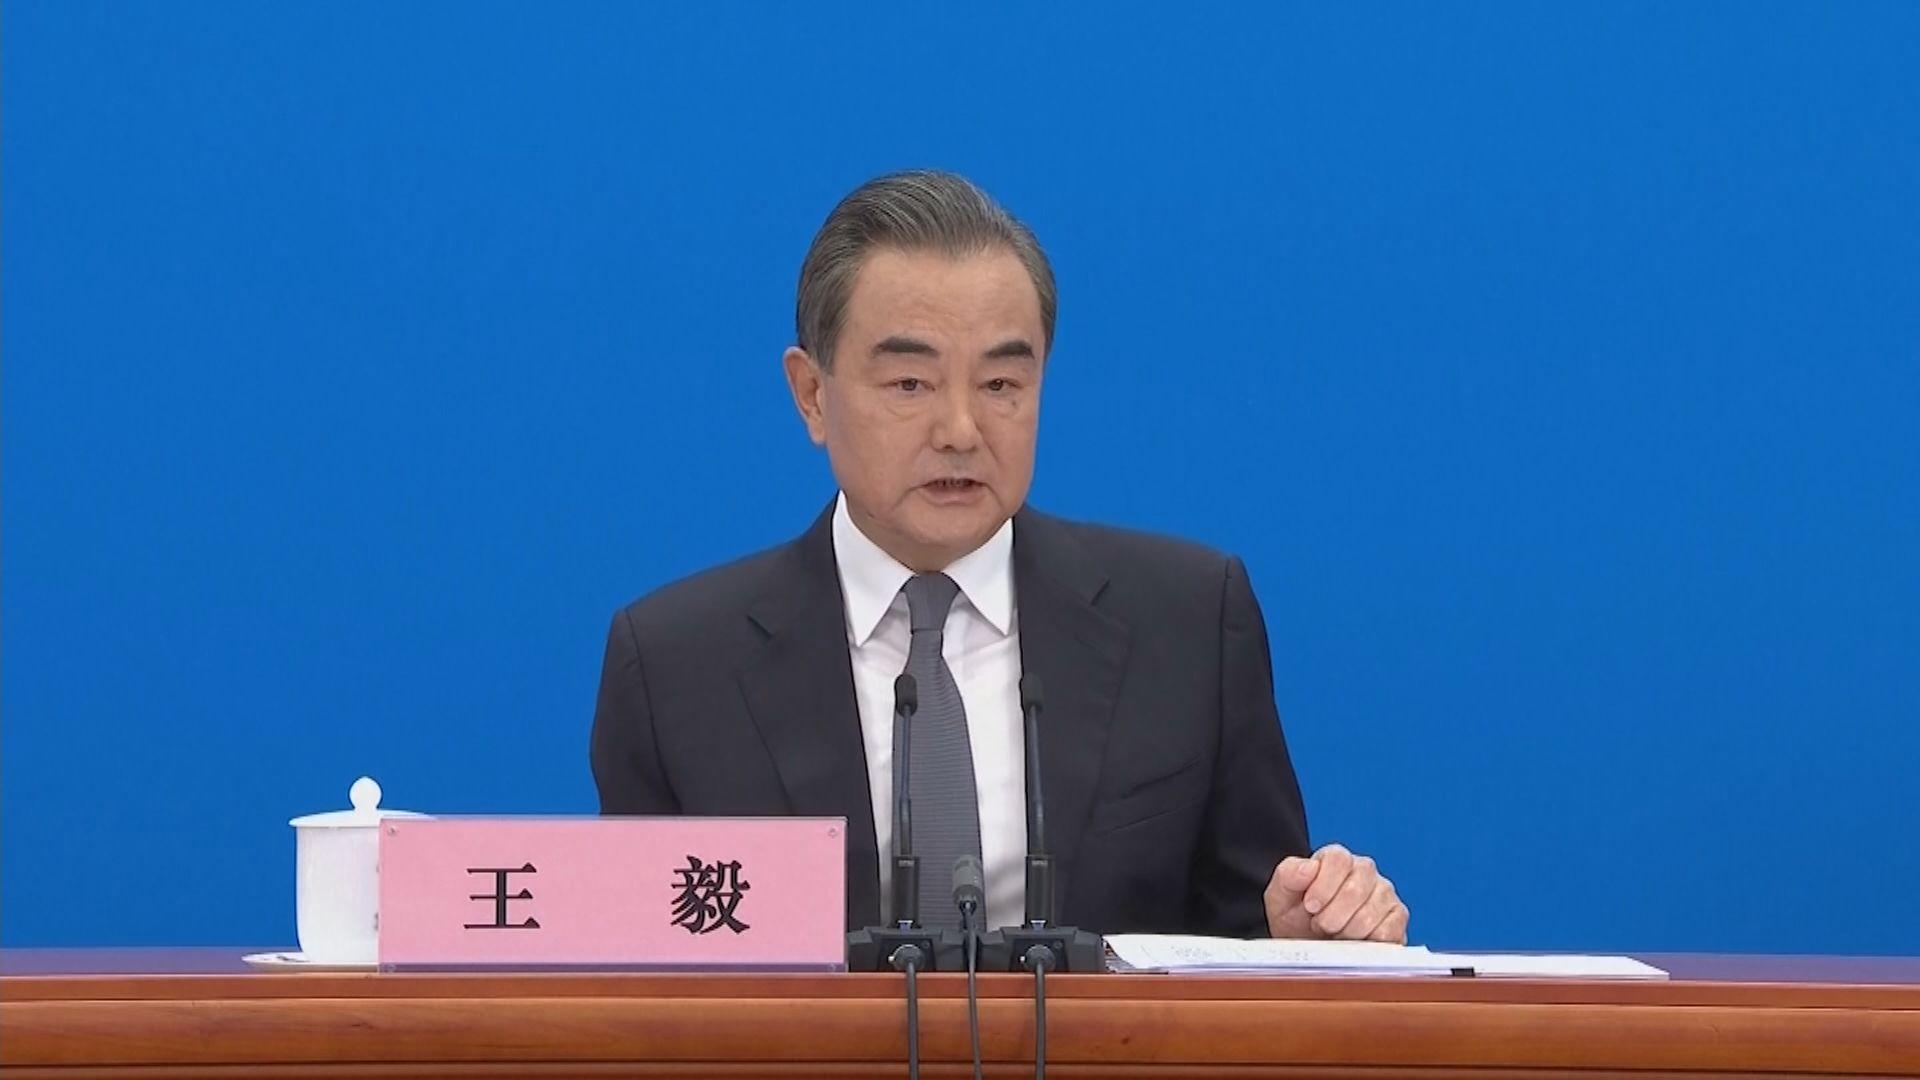 王毅批評美國印太戰略充滿冷戰思維